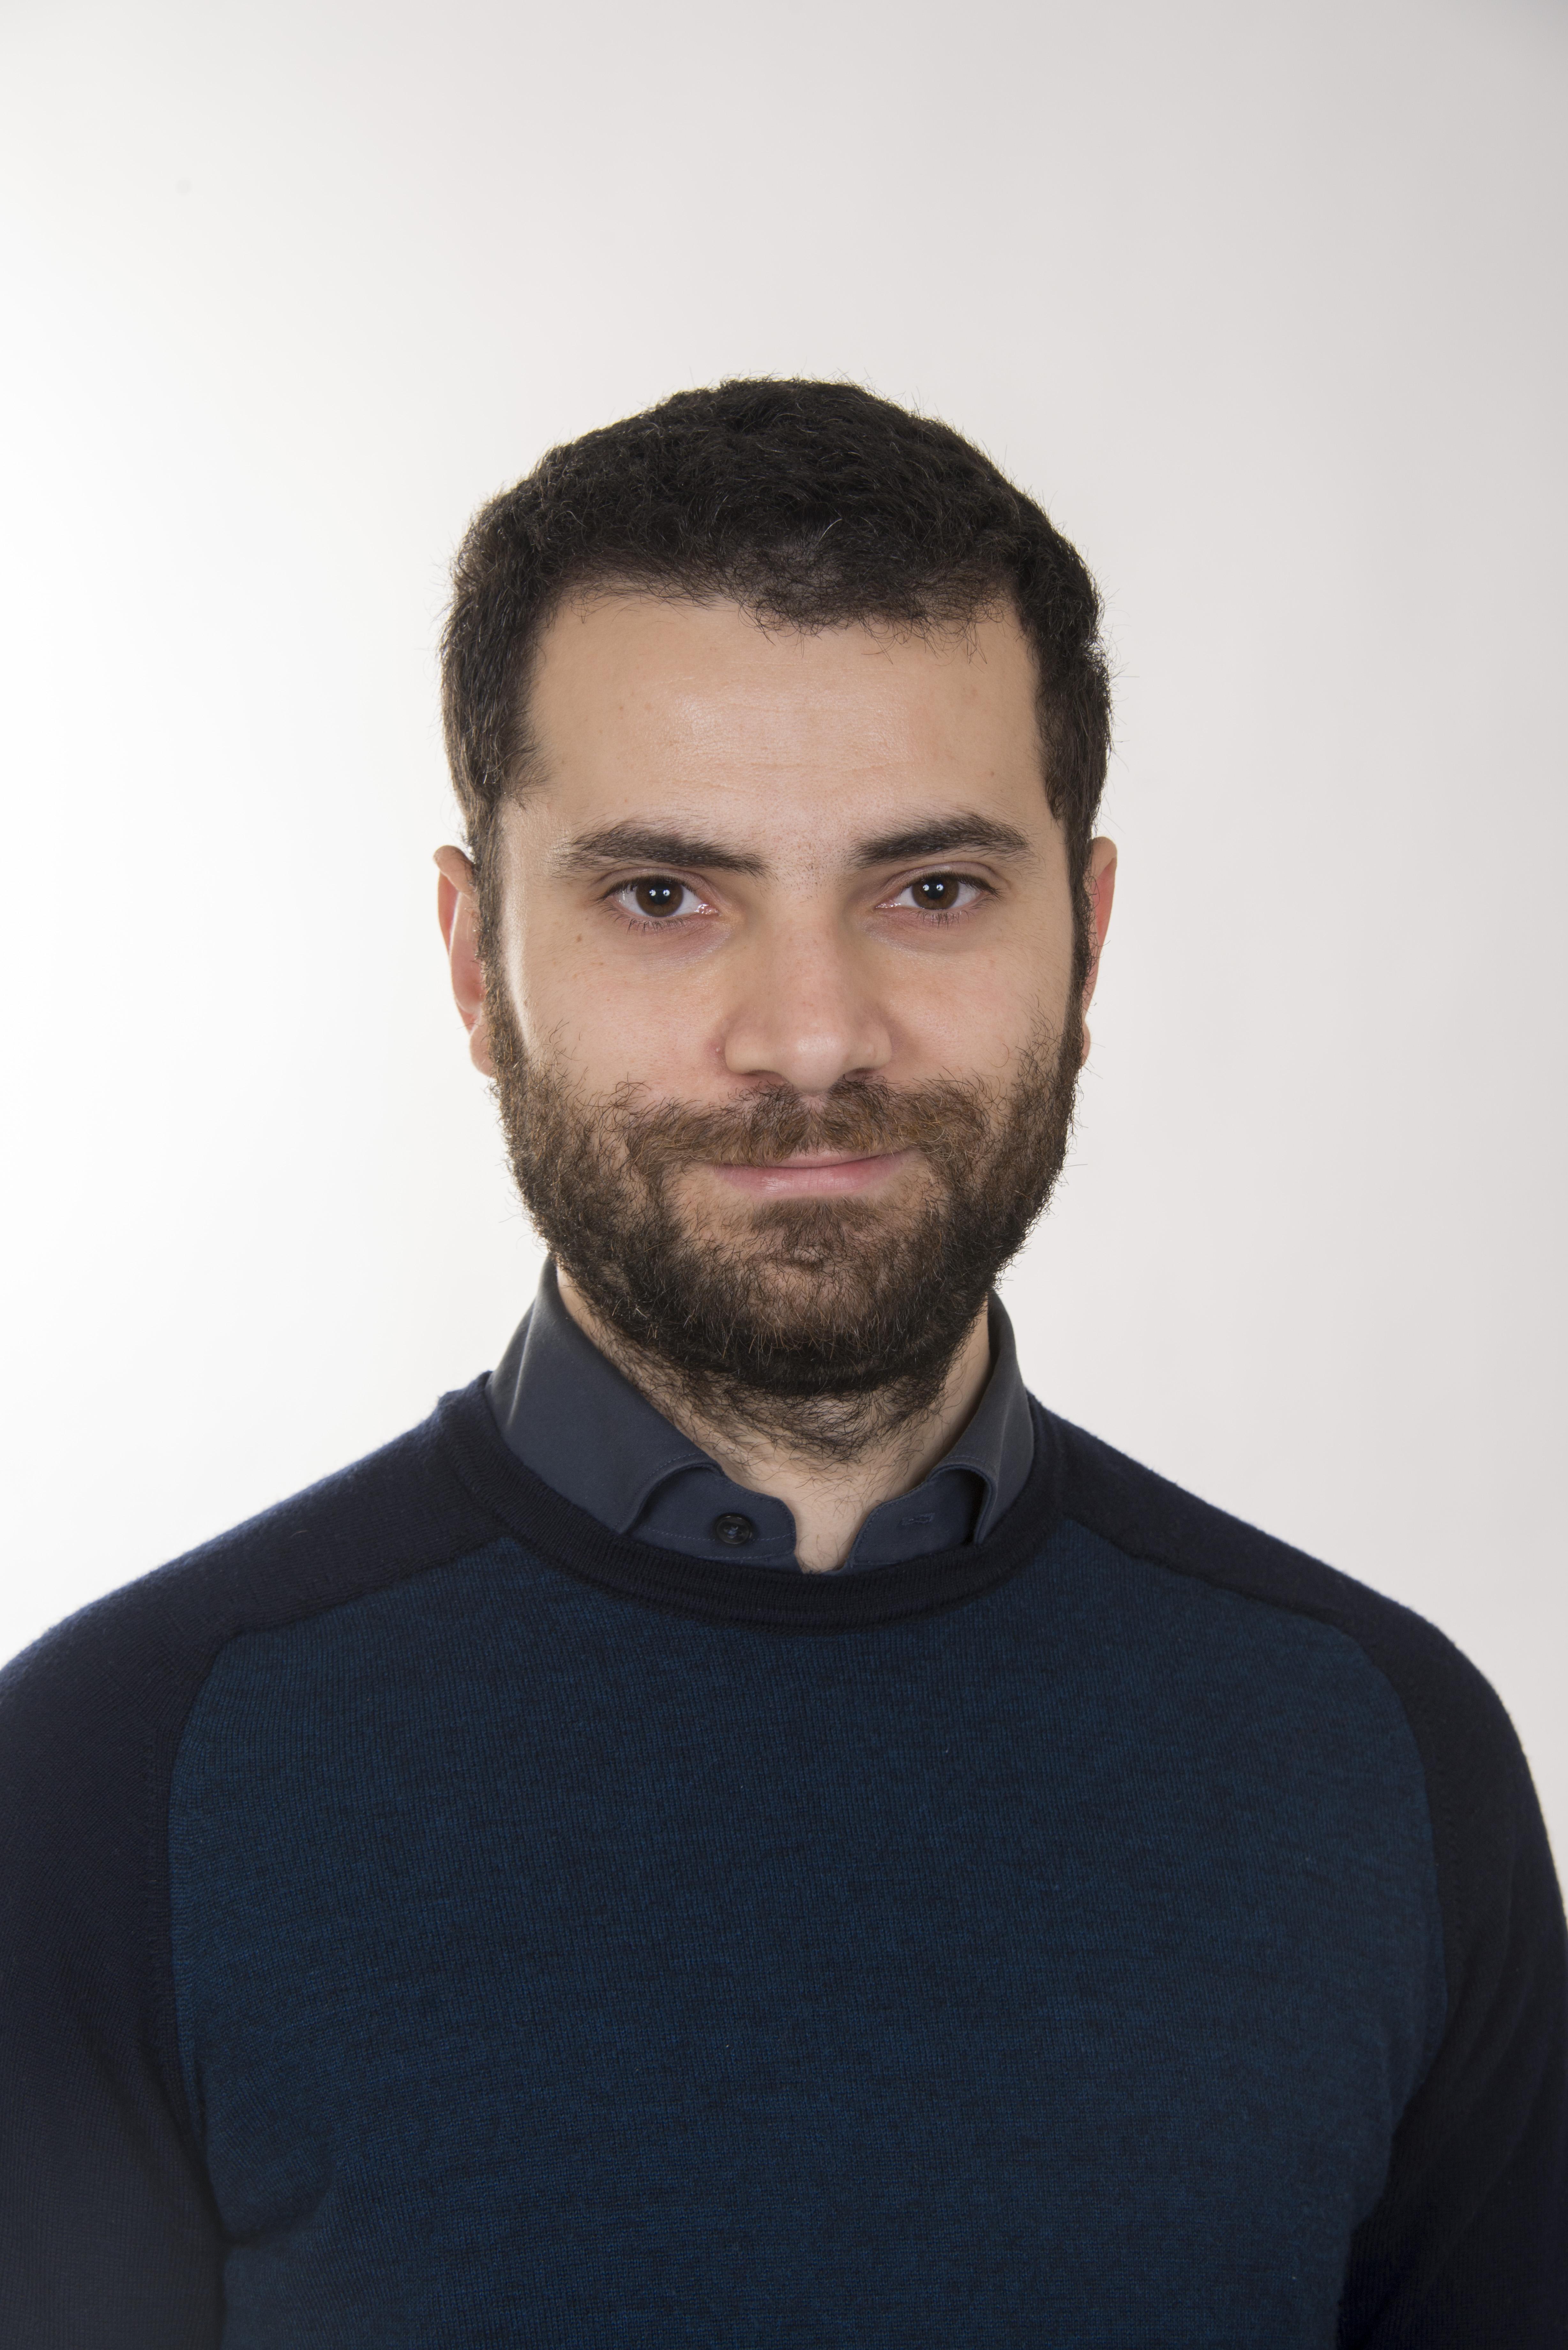 Andrea Totino